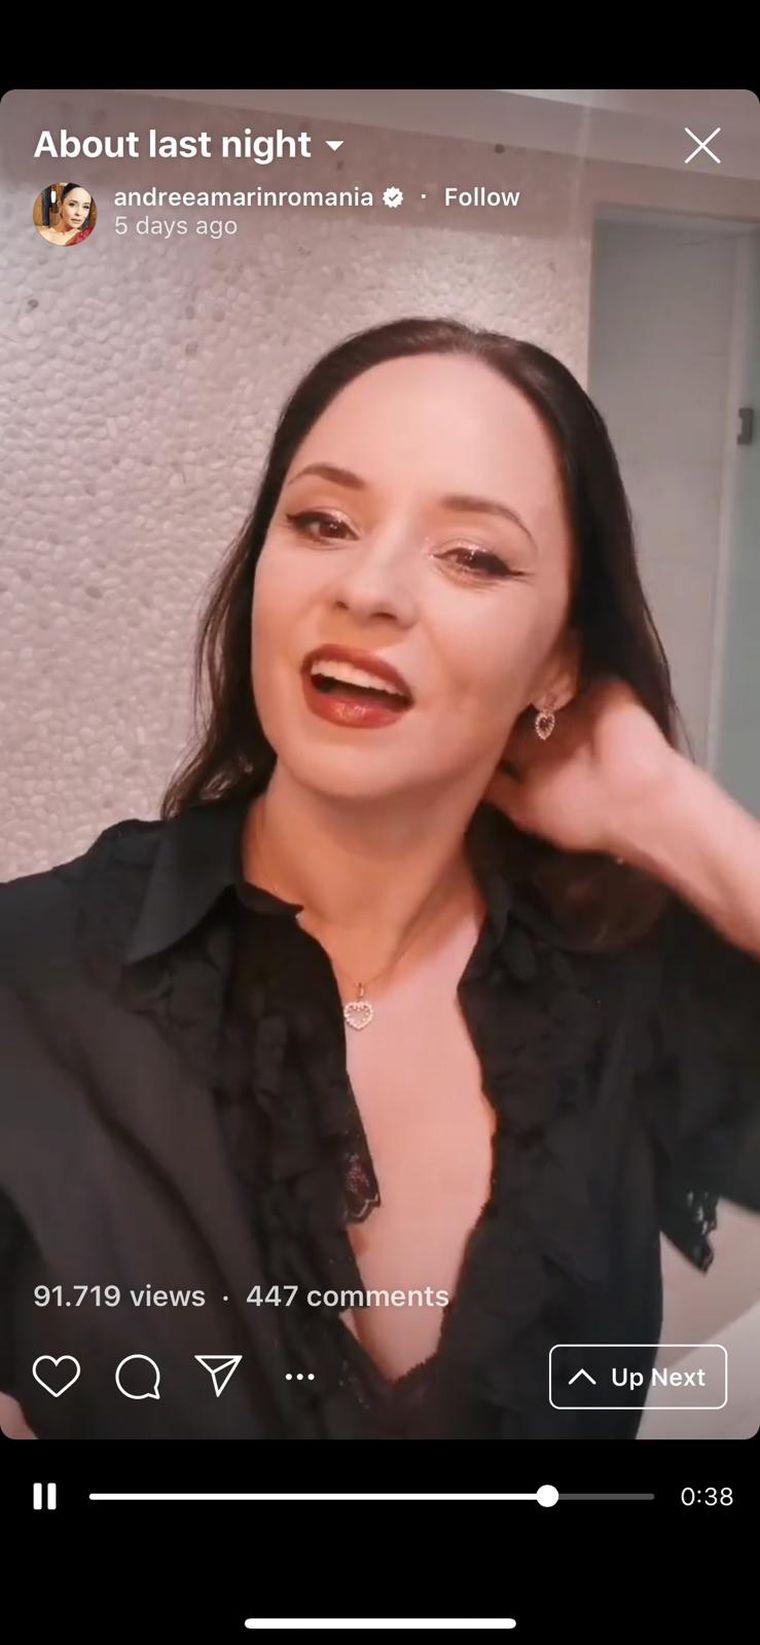 Andreea Marin s-a filmat în baie! Imagini incredibile cu vedeta